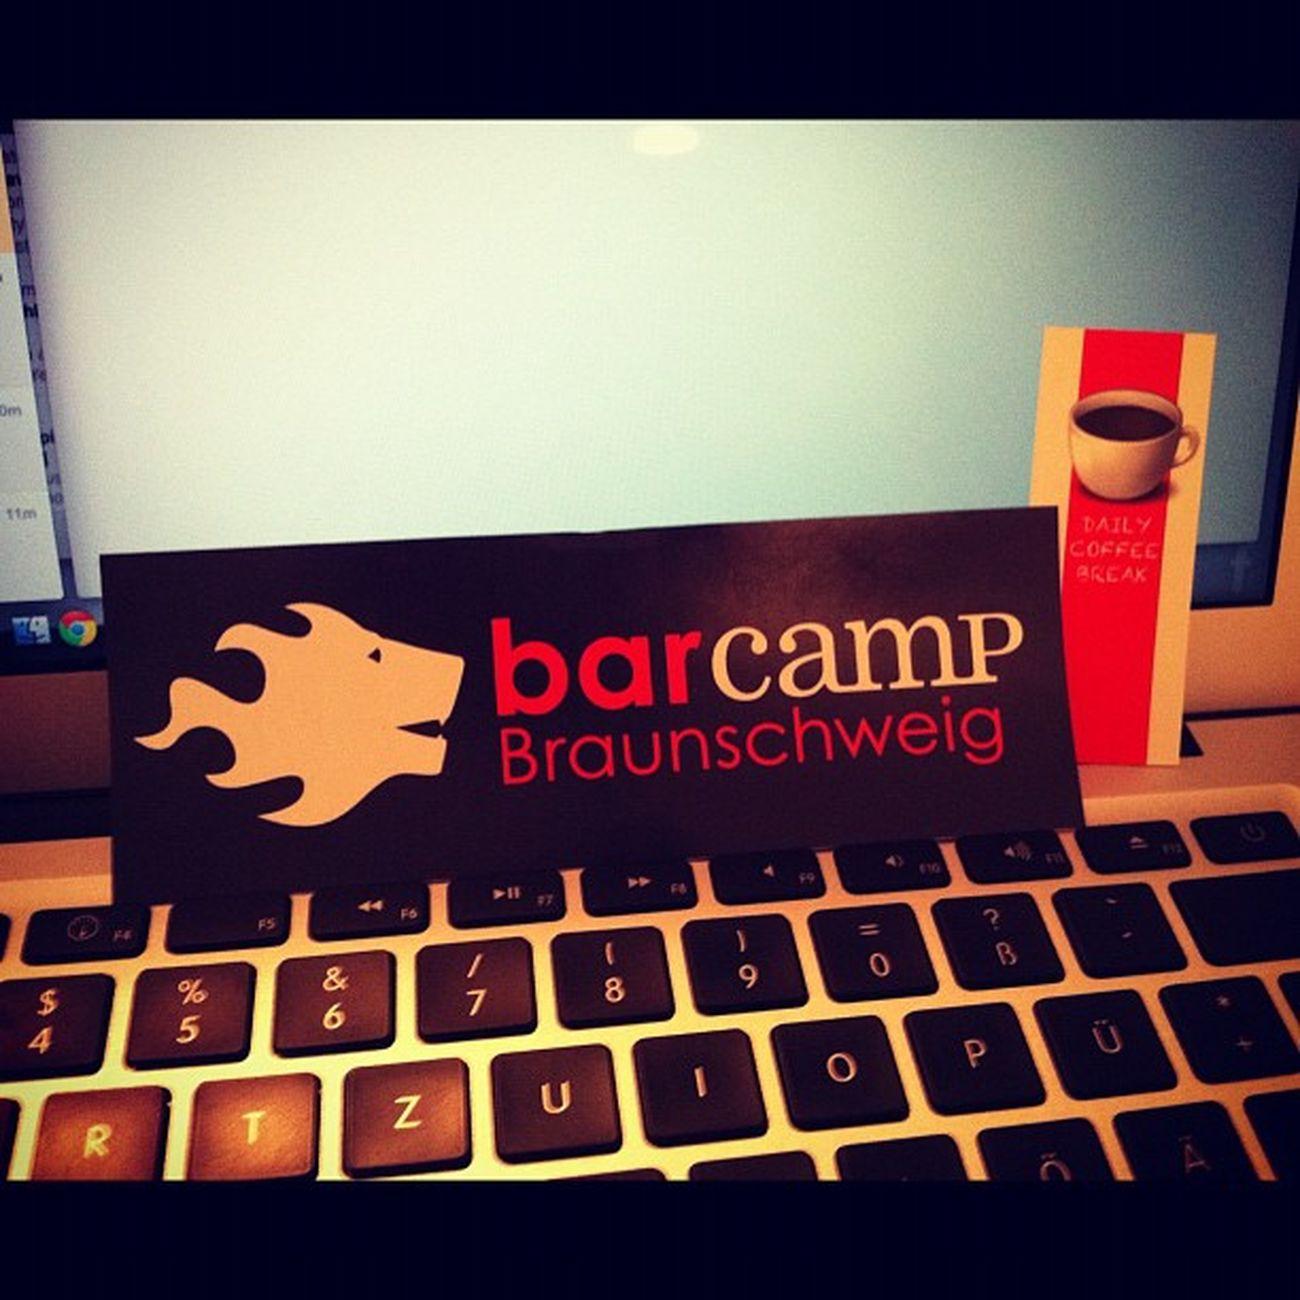 Der DailyCoffeBreak wurde auch auf dem Barcamp Braunschweig entdeckt #barbs2011 #dcb Barbs2011 Dcb